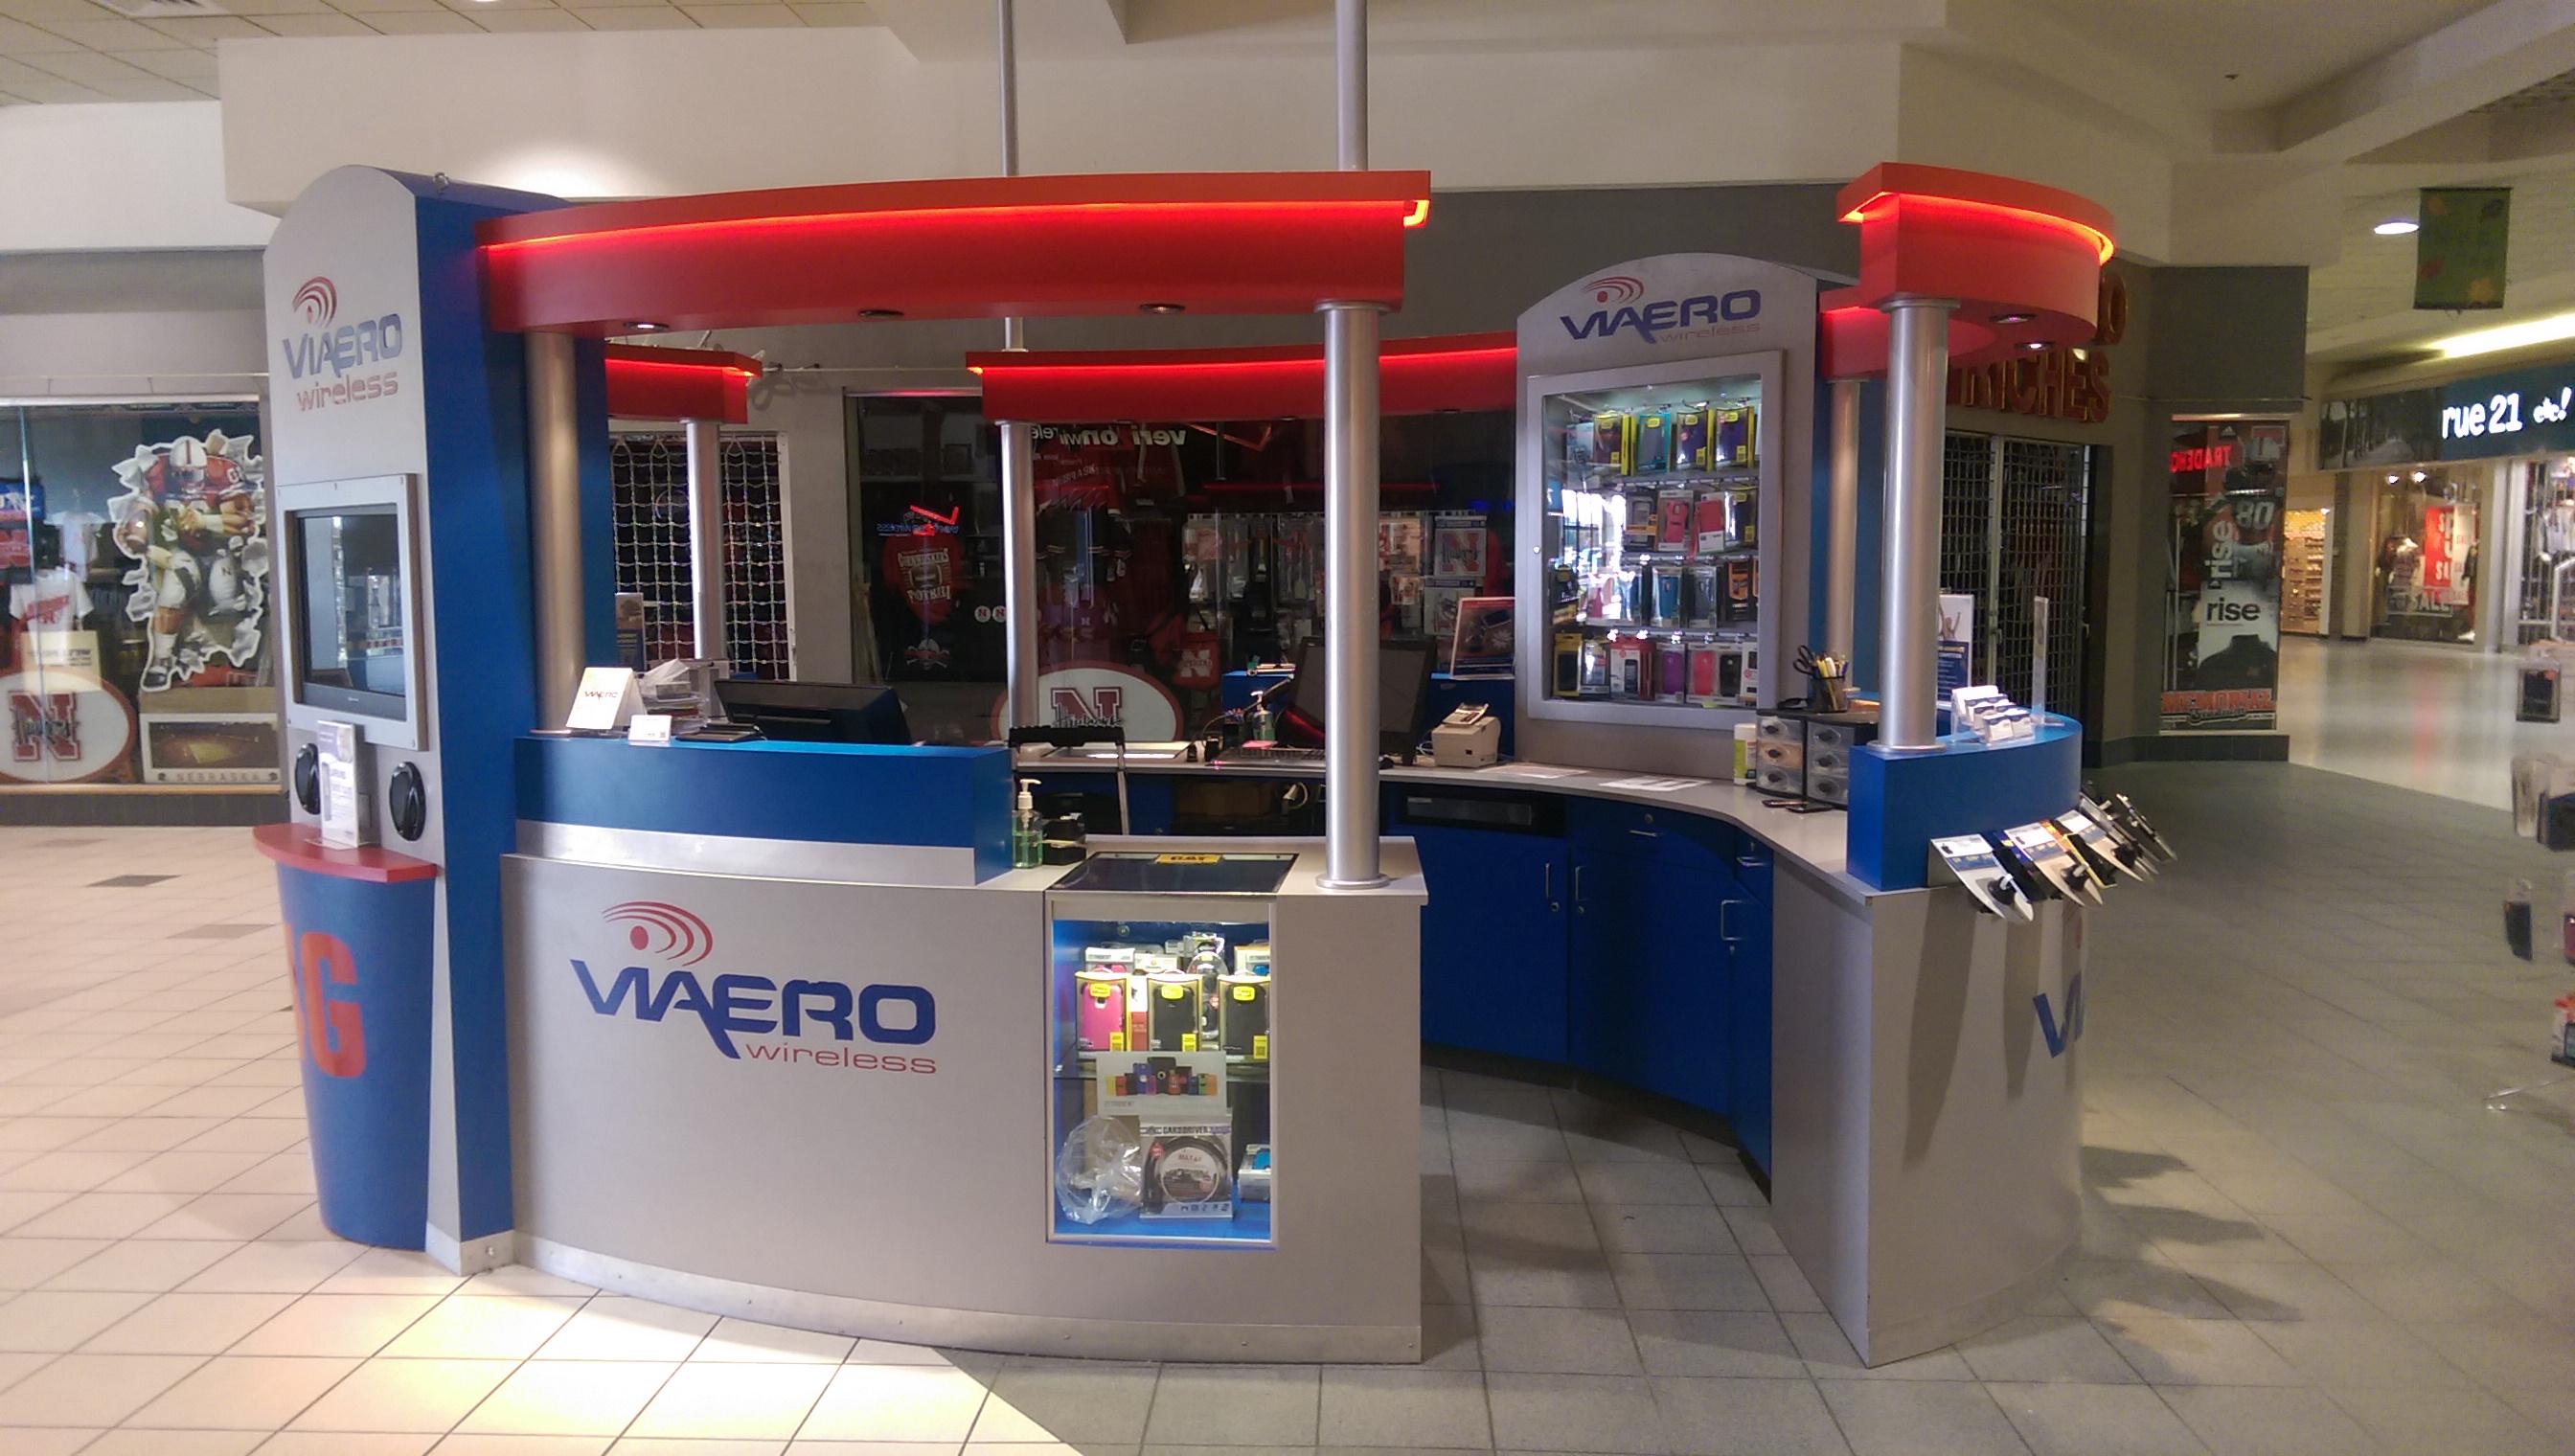 Viaero Wireless in Norfolk, NE